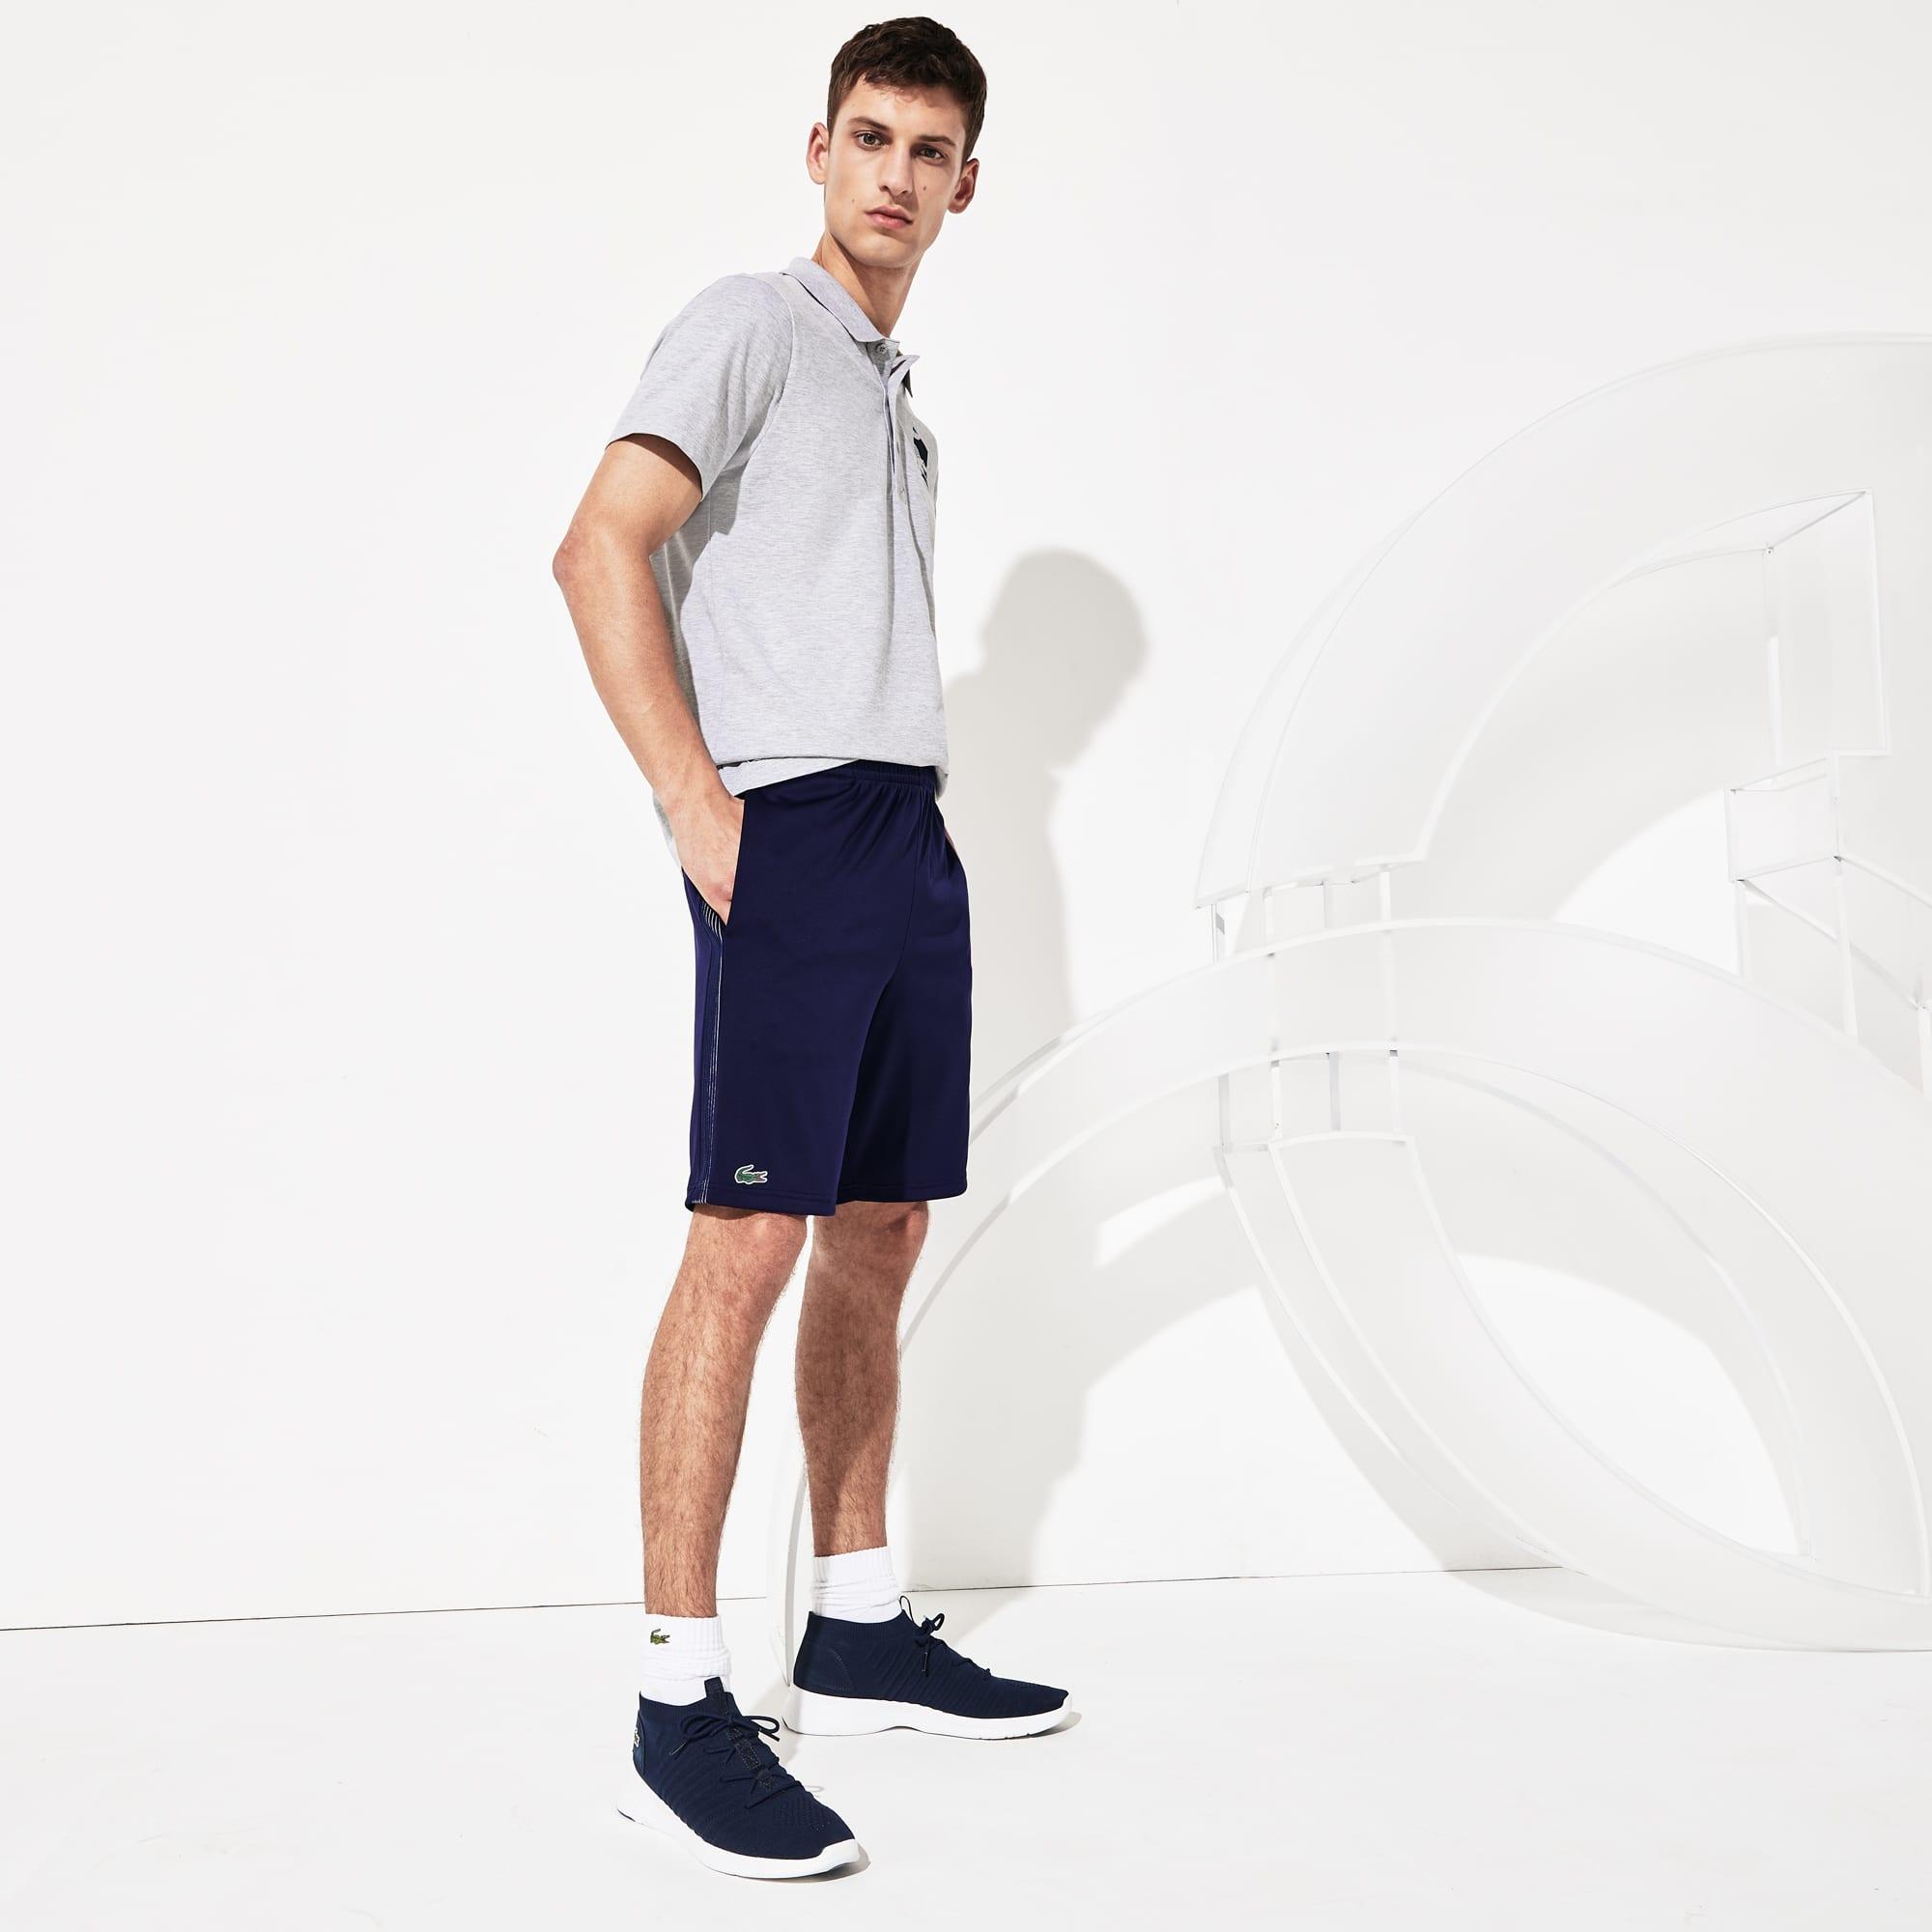 Calções Lacoste SPORT coleção Novak Djokovic Support With Style - Off Court em piqué técnico unicolor